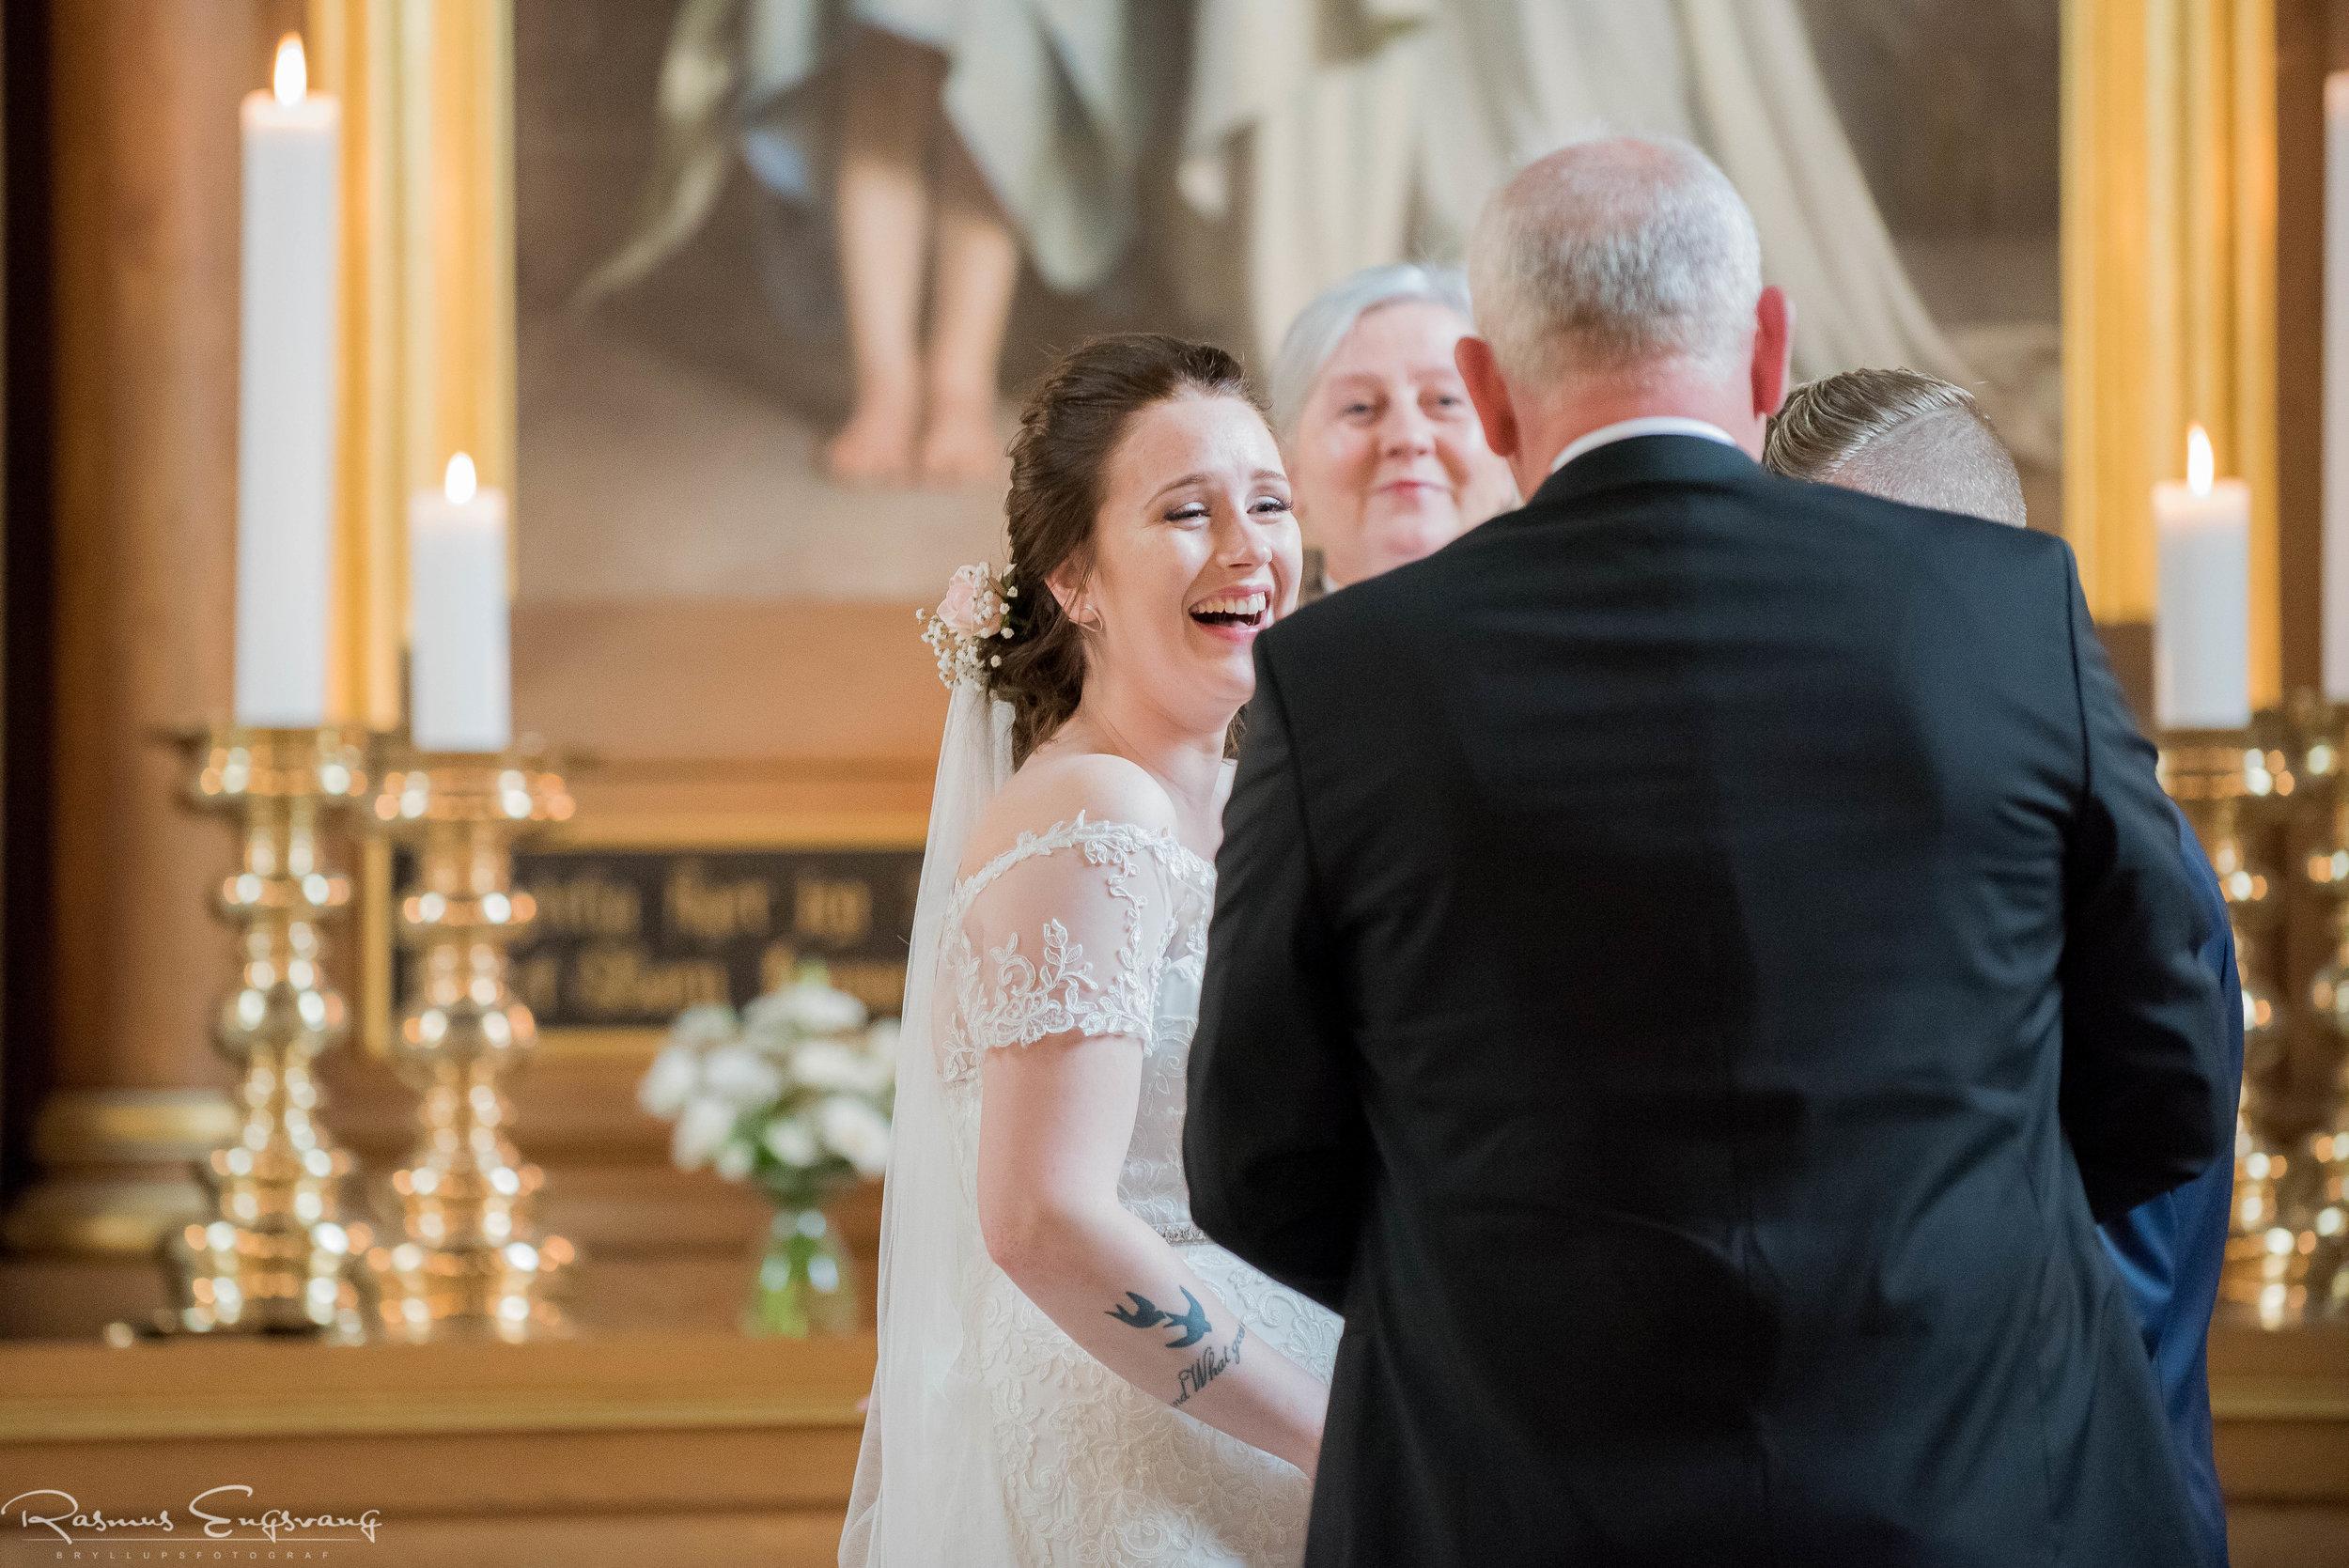 Bryllupsfotograf_Holbæk_Ringsted_Sjælland-106.jpg